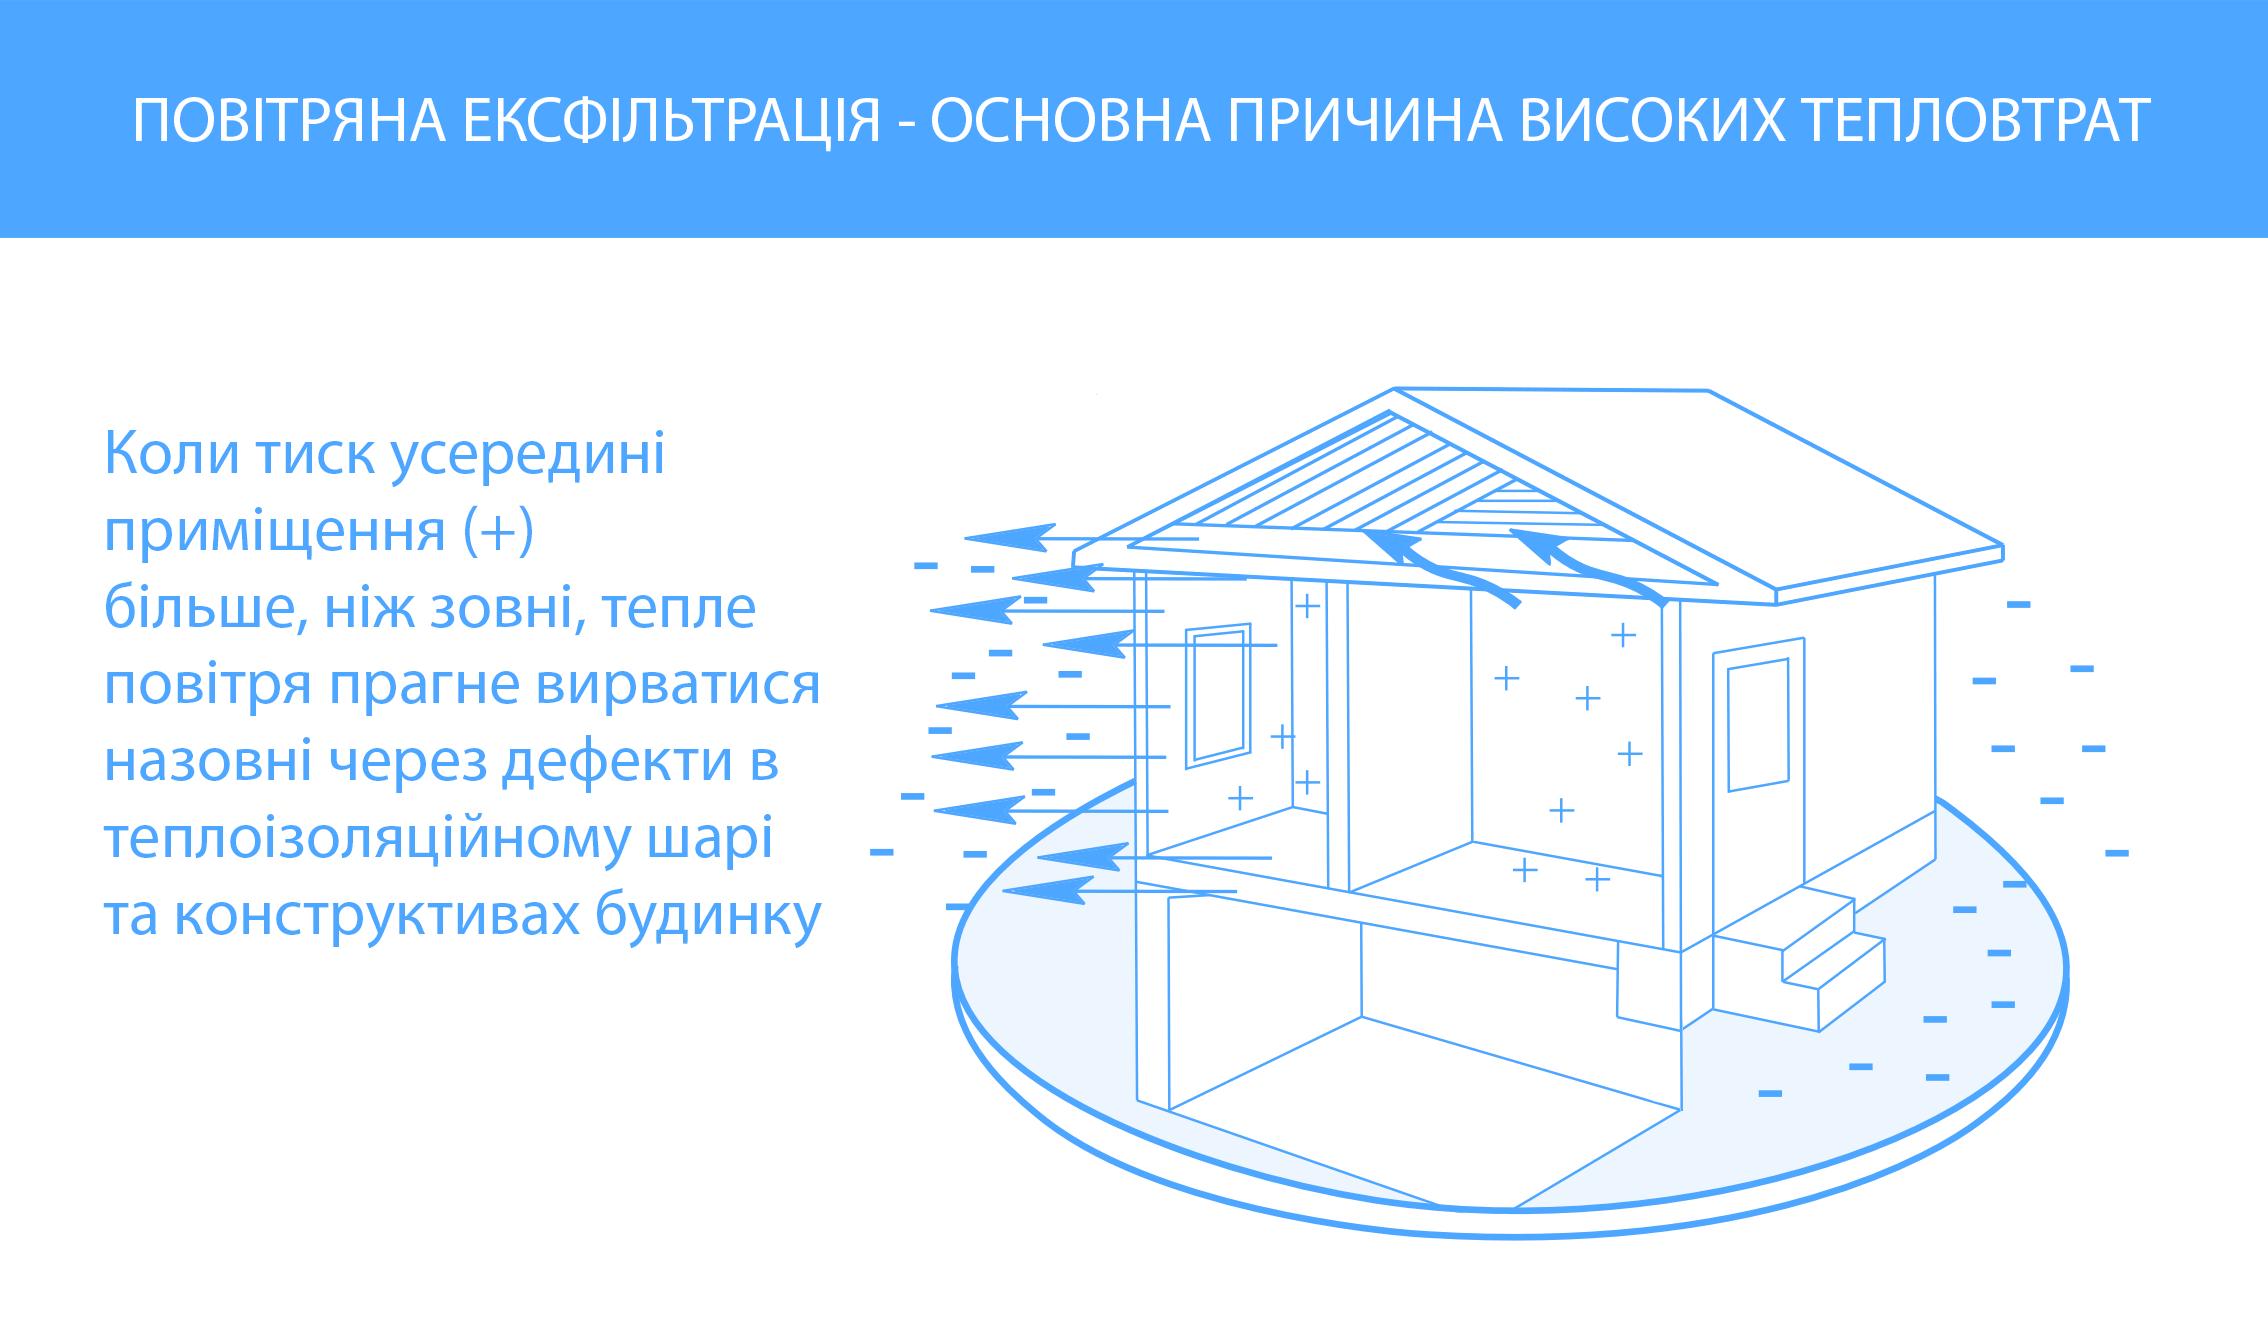 Пояснення явища повітряної ексфіотрації